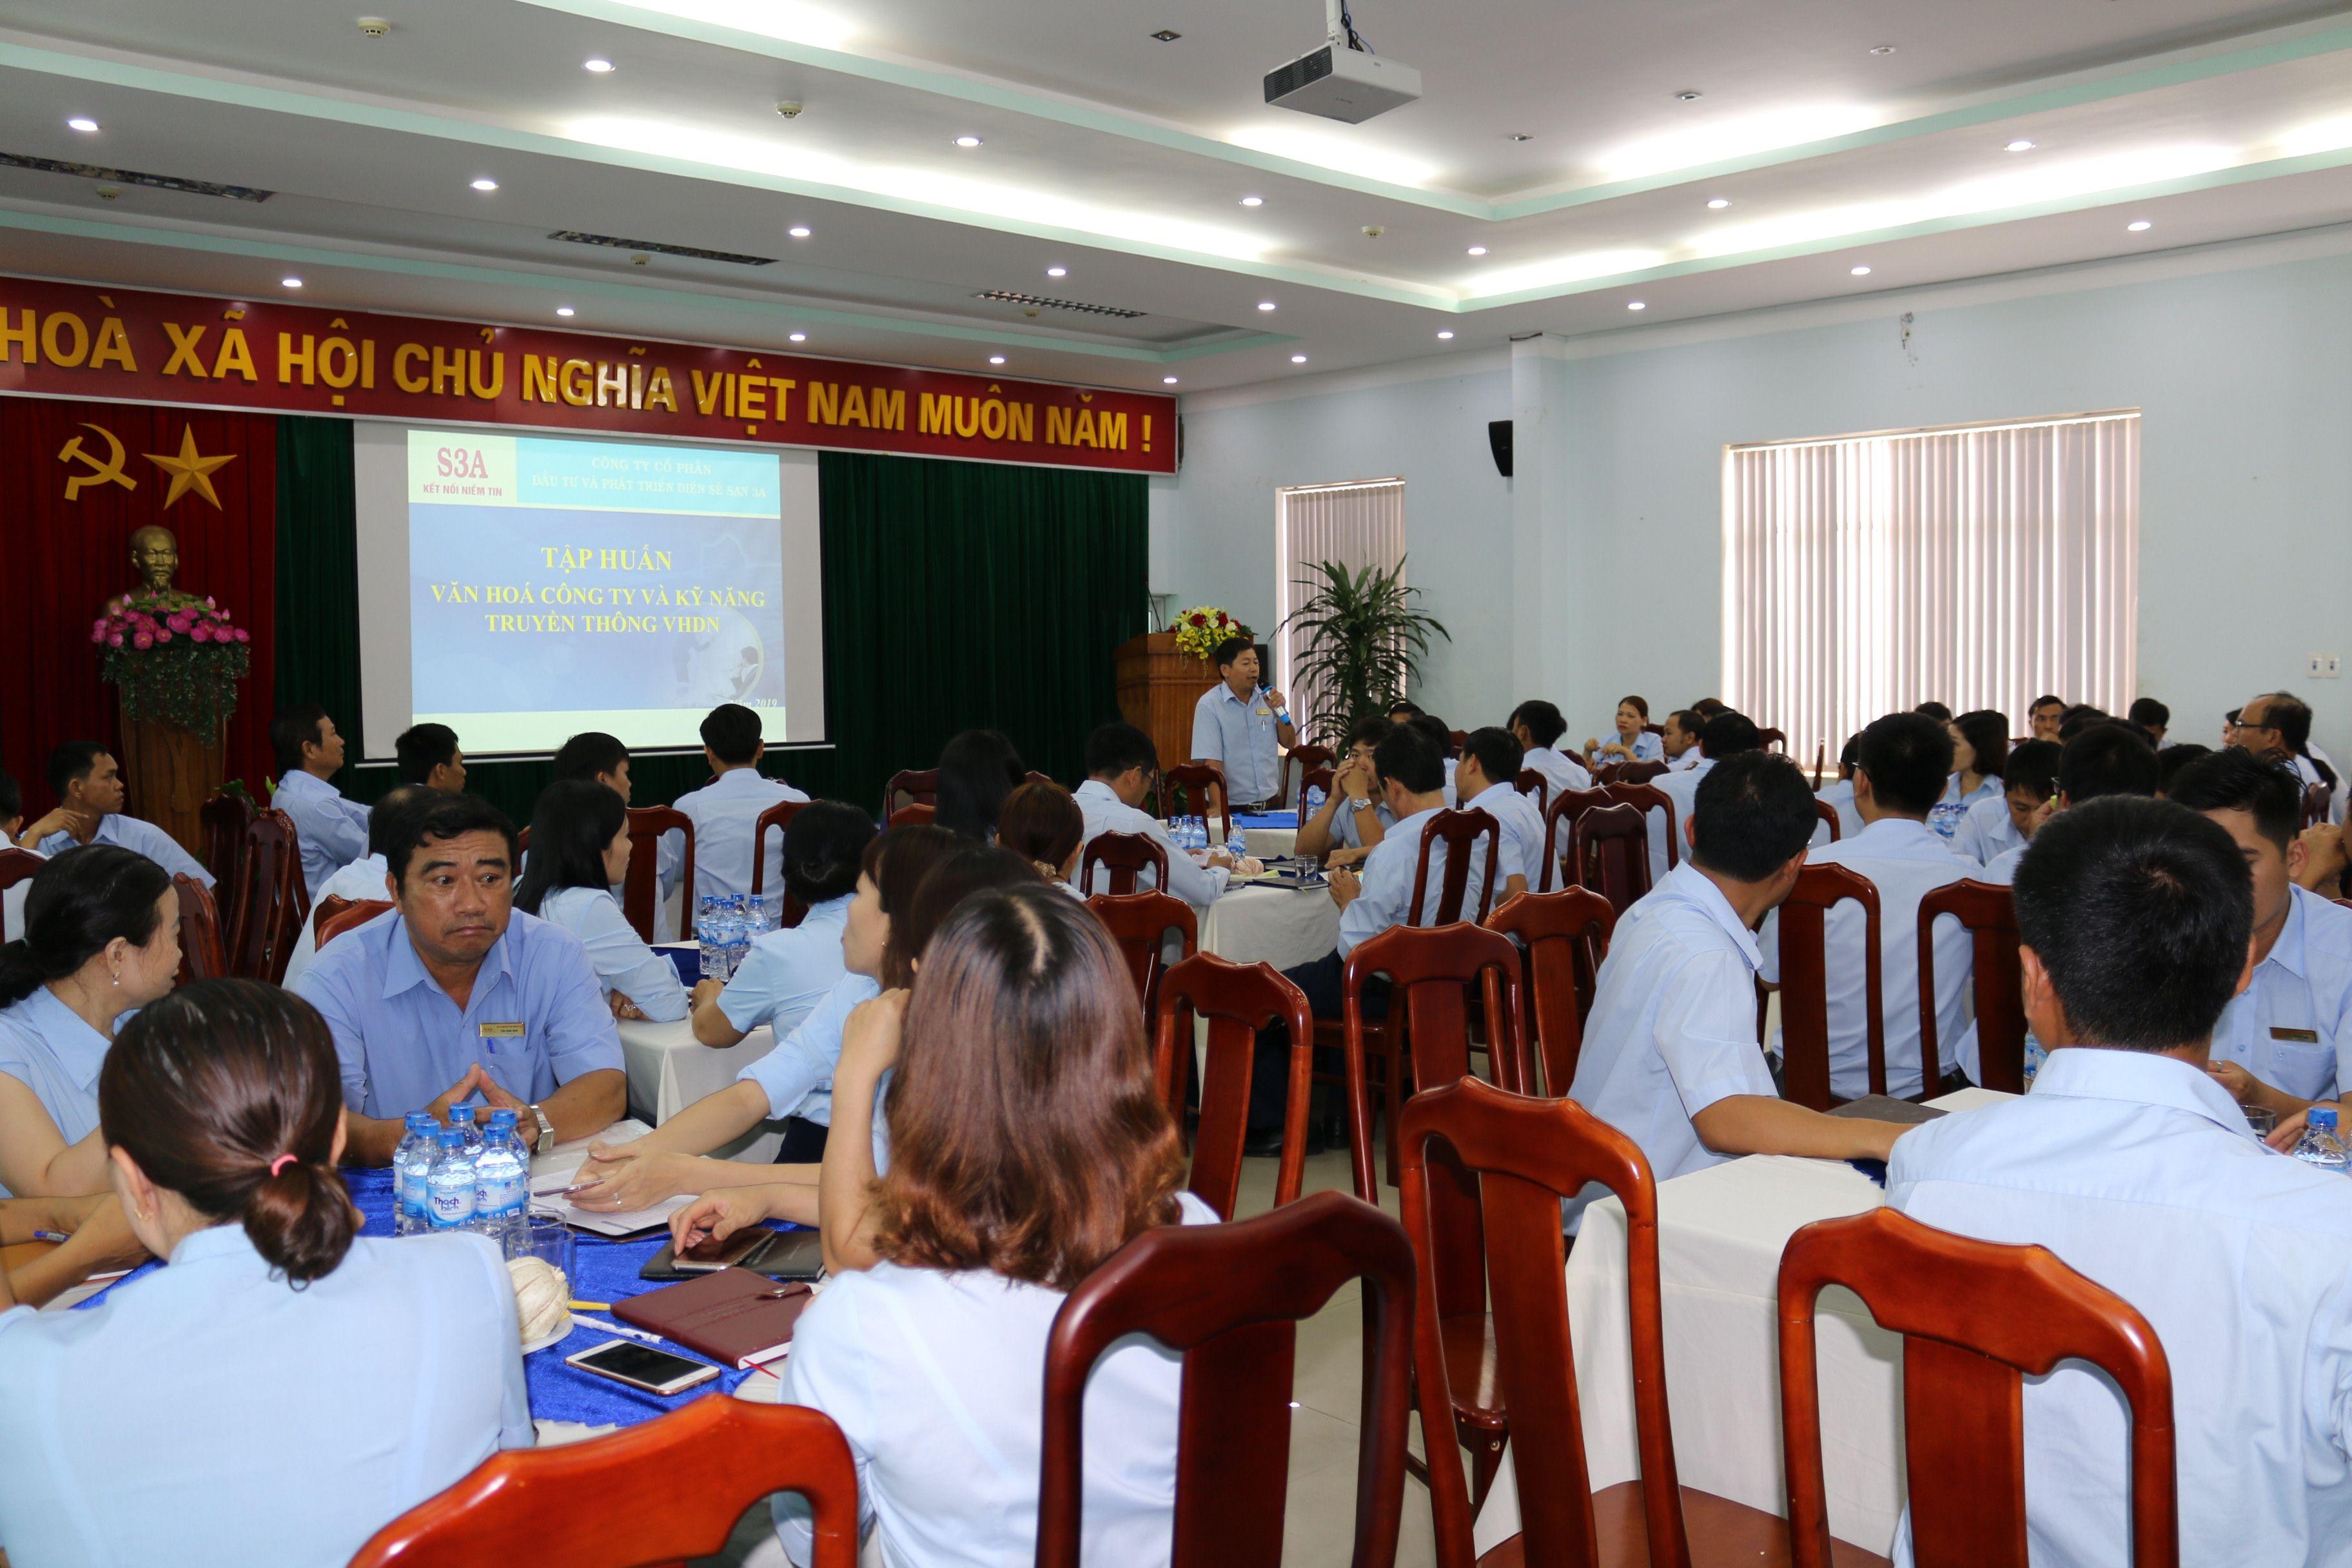 Sê San 3A tập huấn Văn hóa Công ty và kỹ năng truyền thông văn hóa doanh nghiệp